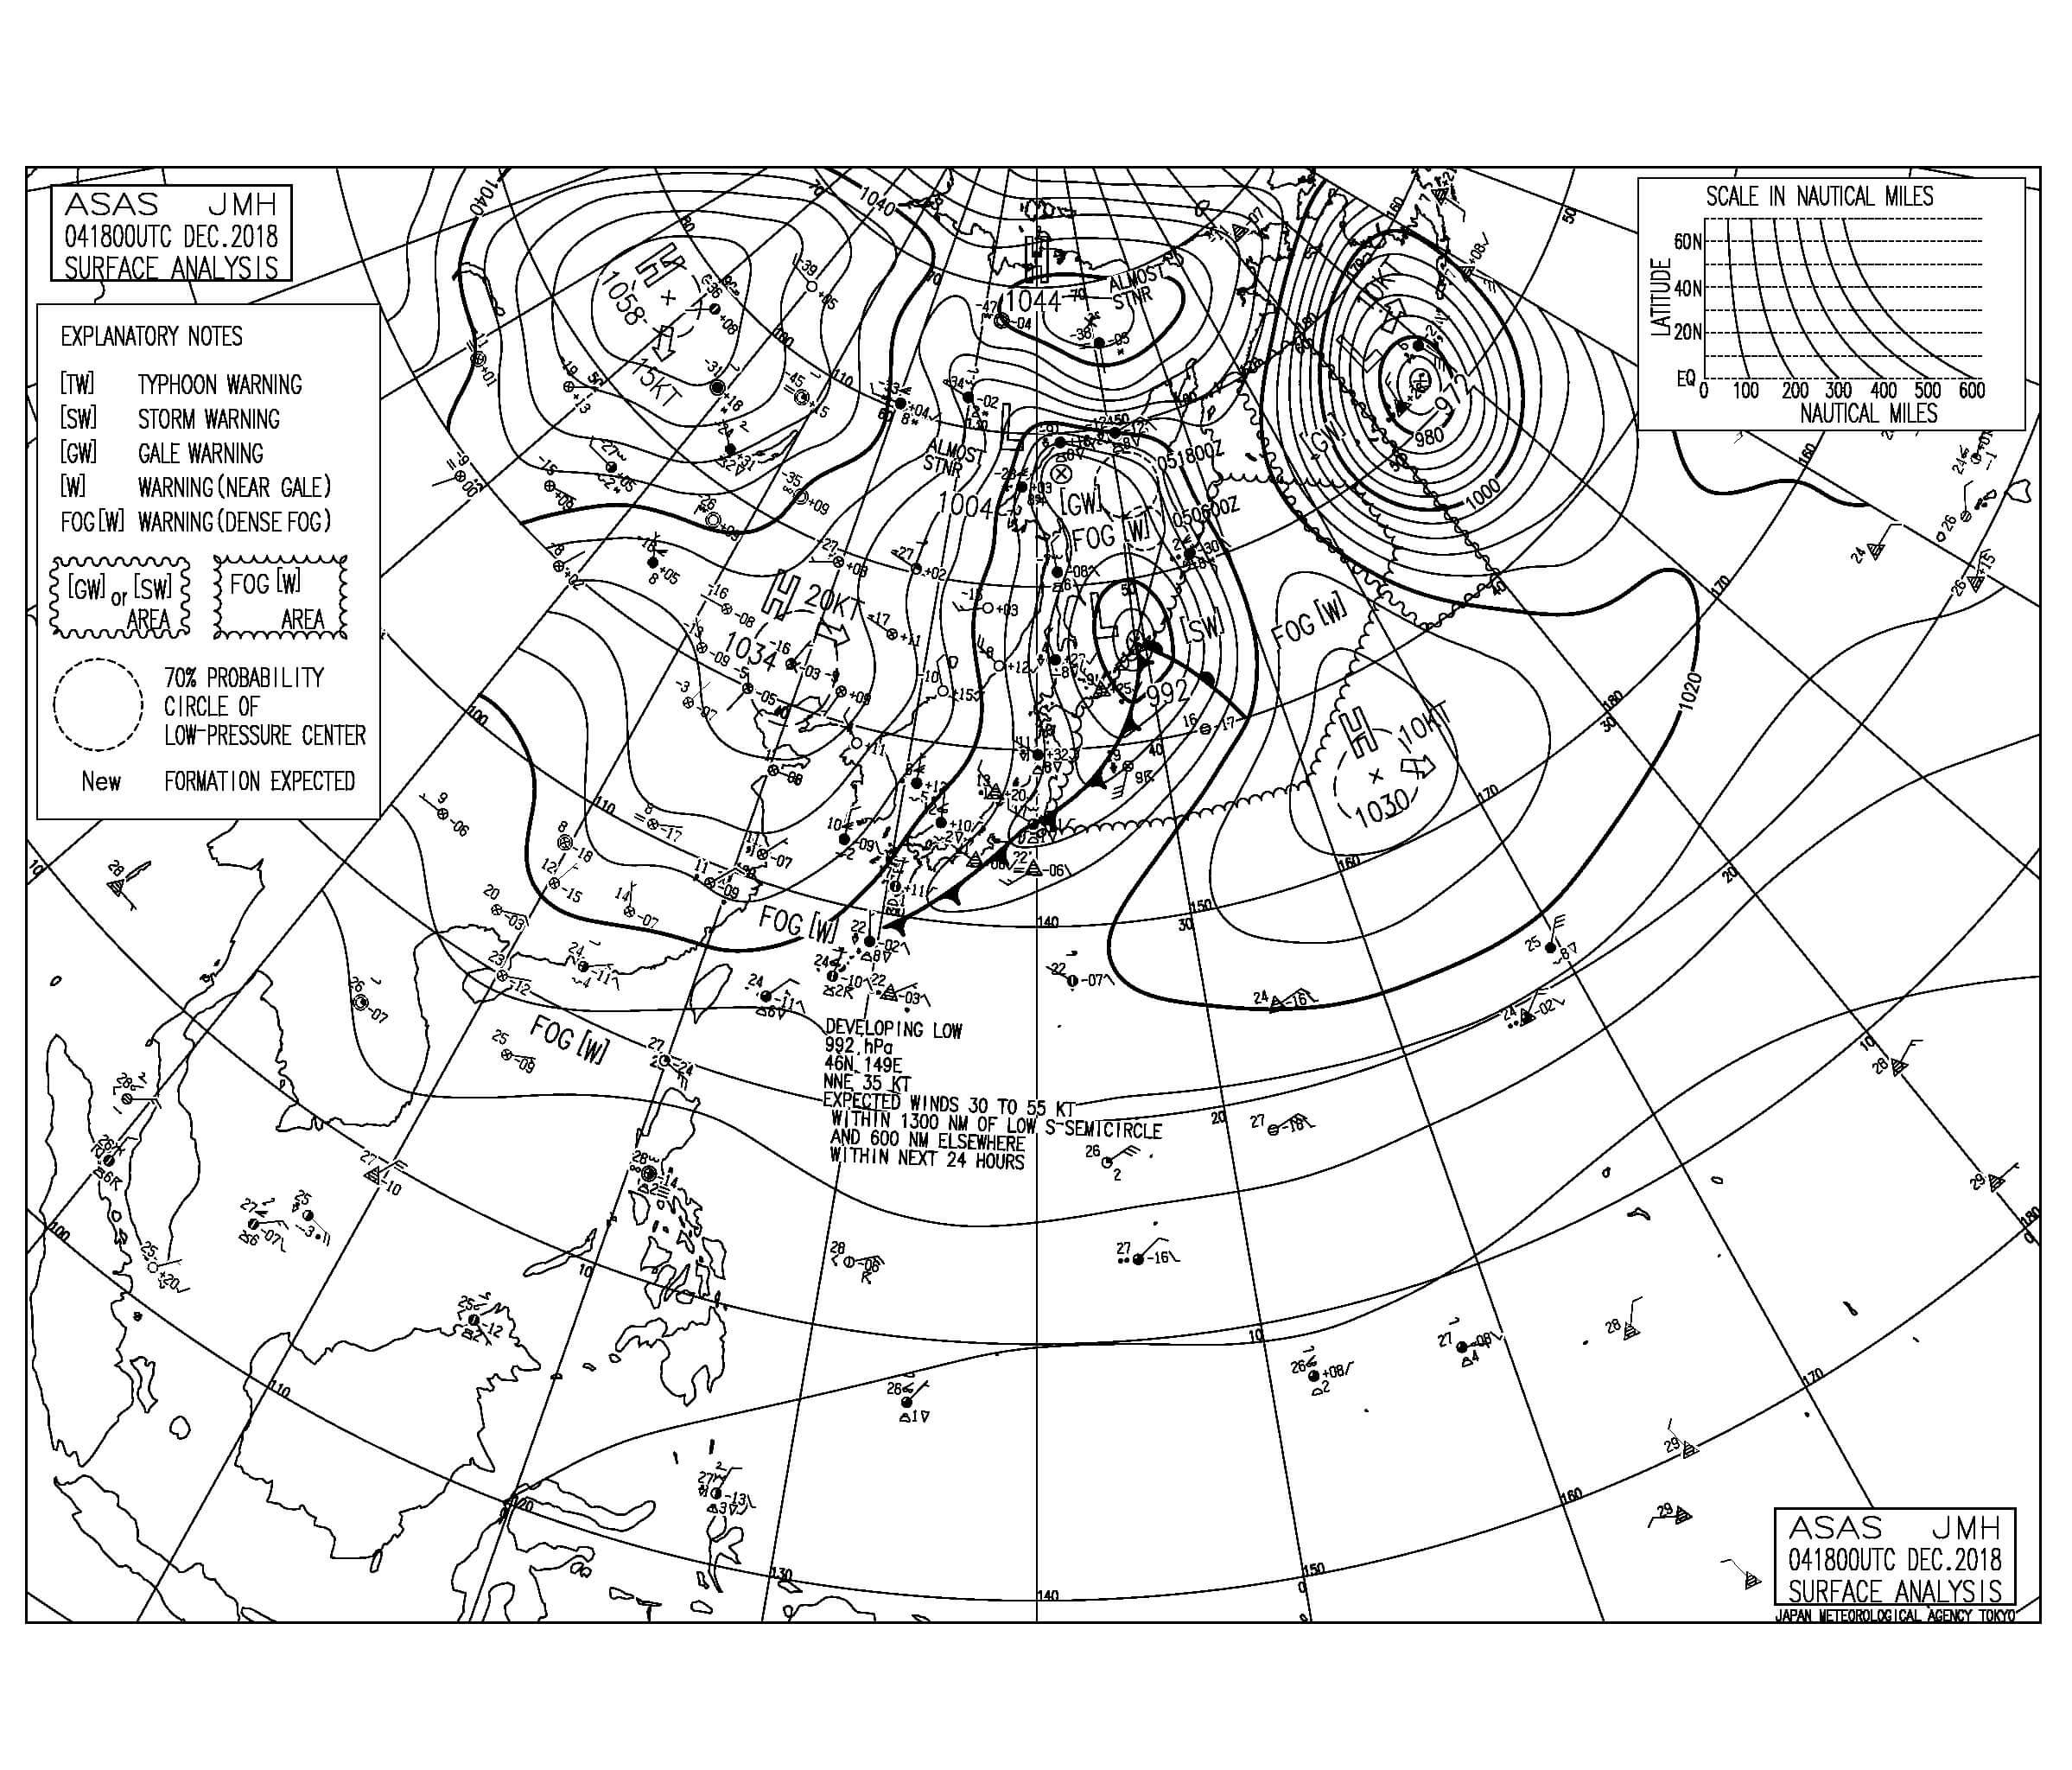 記録的な高温の反動でこの週末はかなり寒くなりそう、今朝の湘南いい波割れてます!(181205)